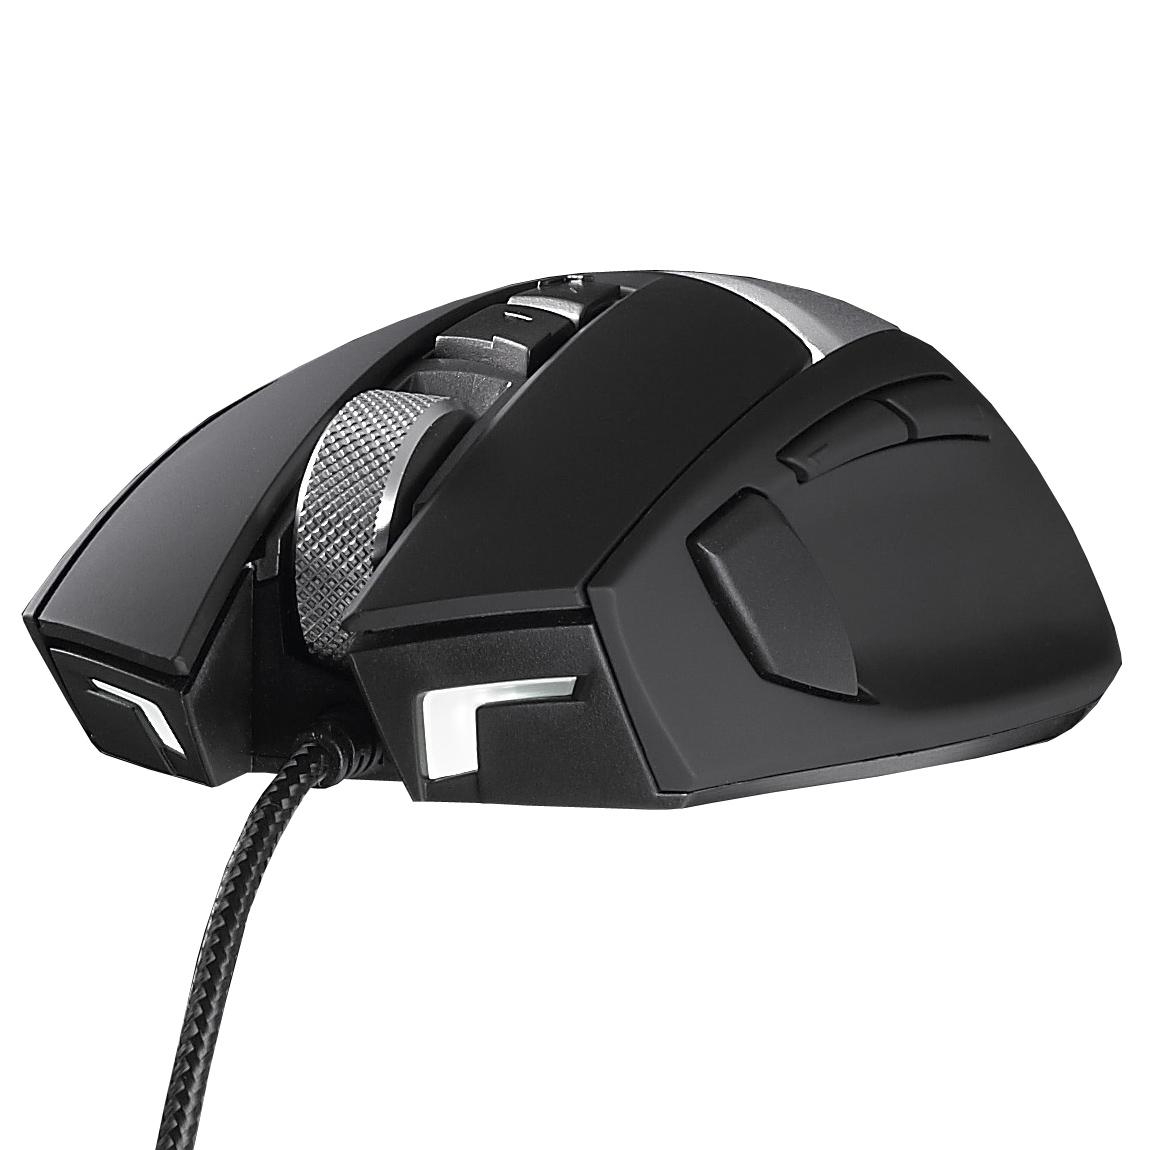 Souris PC Cooler Master Storm Reaper Souris filaire pour gamer - droitier - capteur laser 8200 dpi - 8 boutons - rétro-éclairage